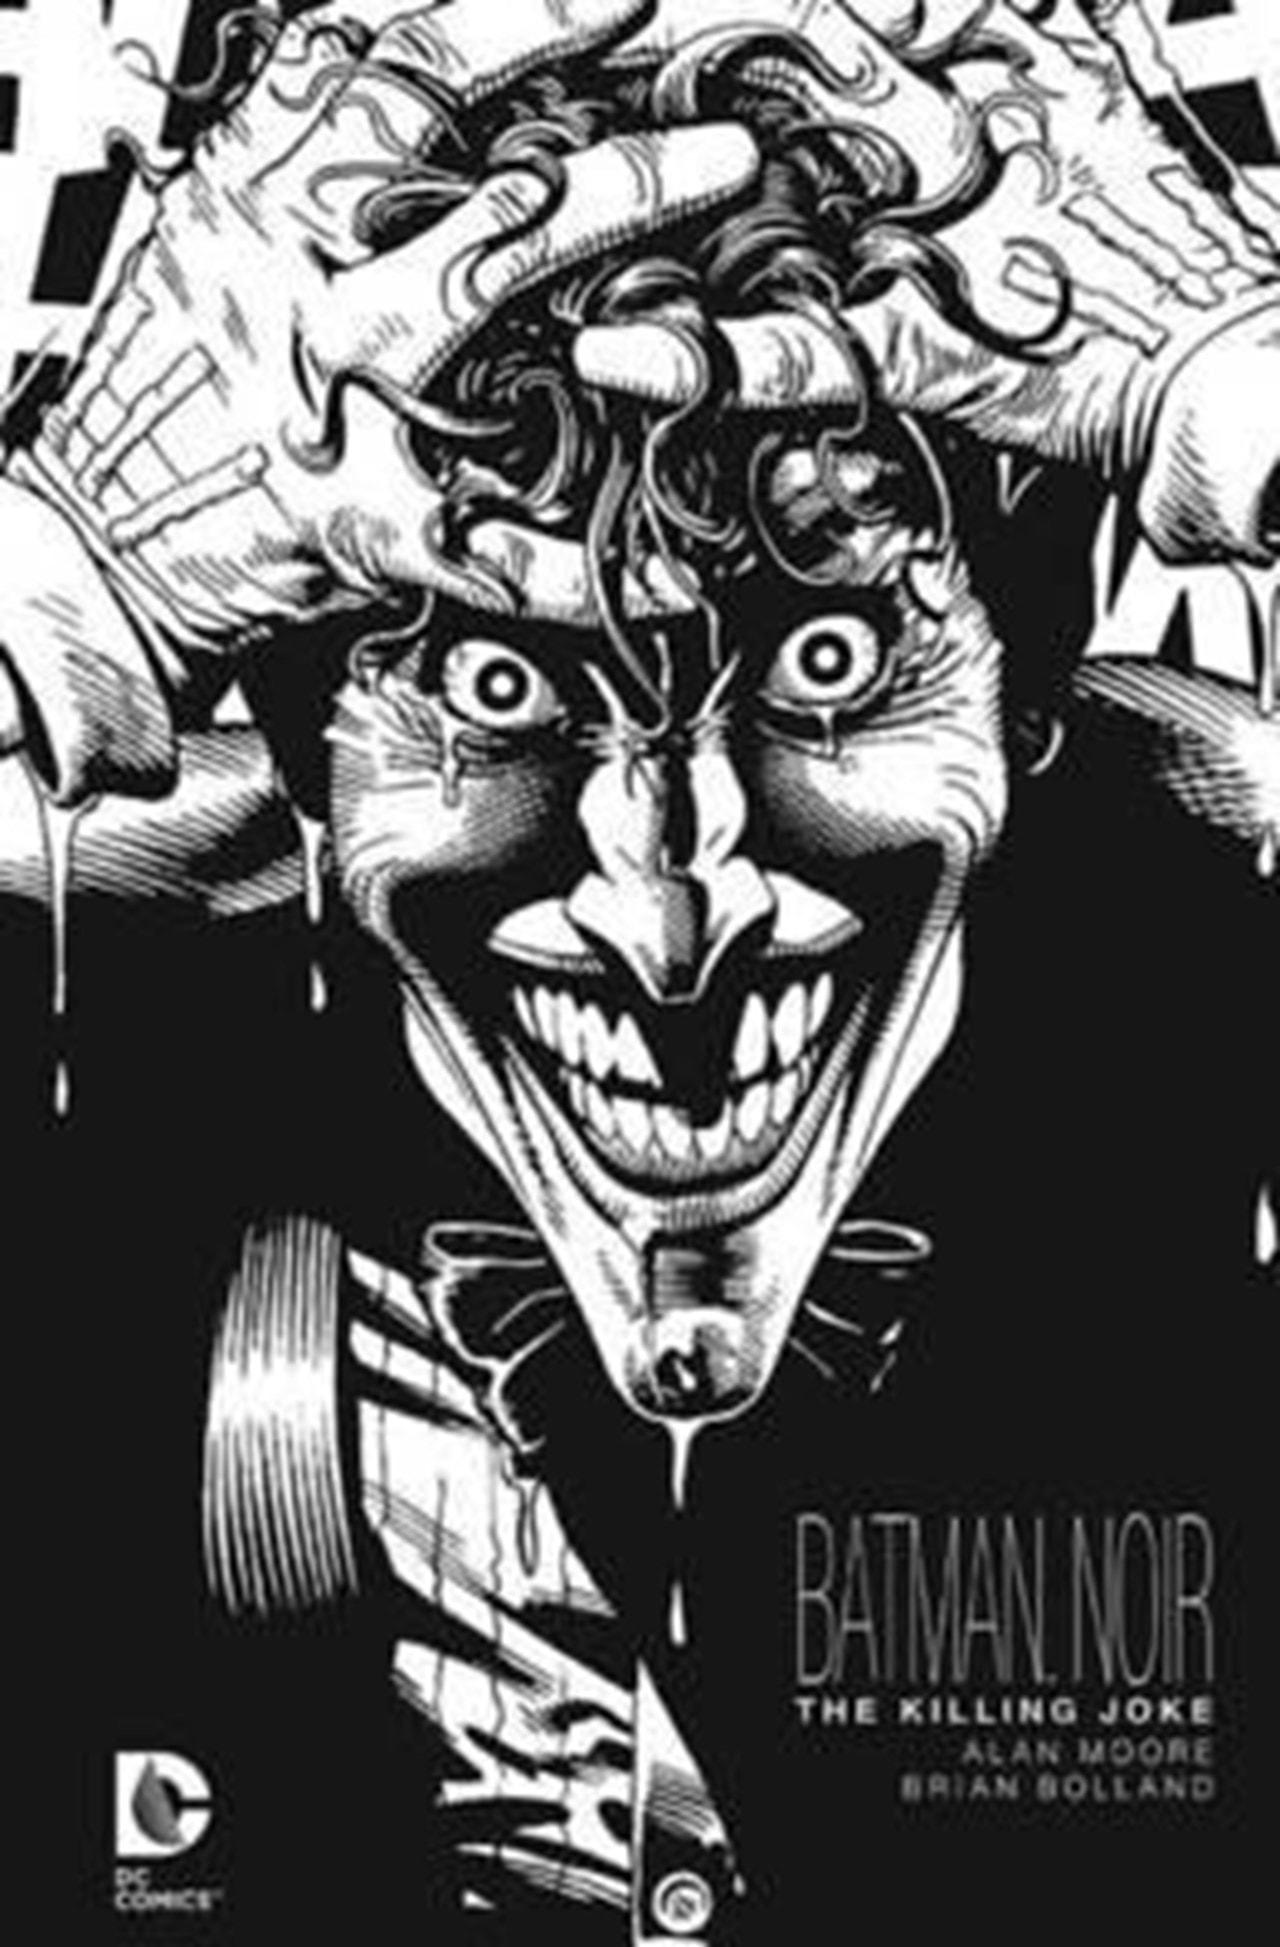 The Killing Joke Wallpaper (80+ images)